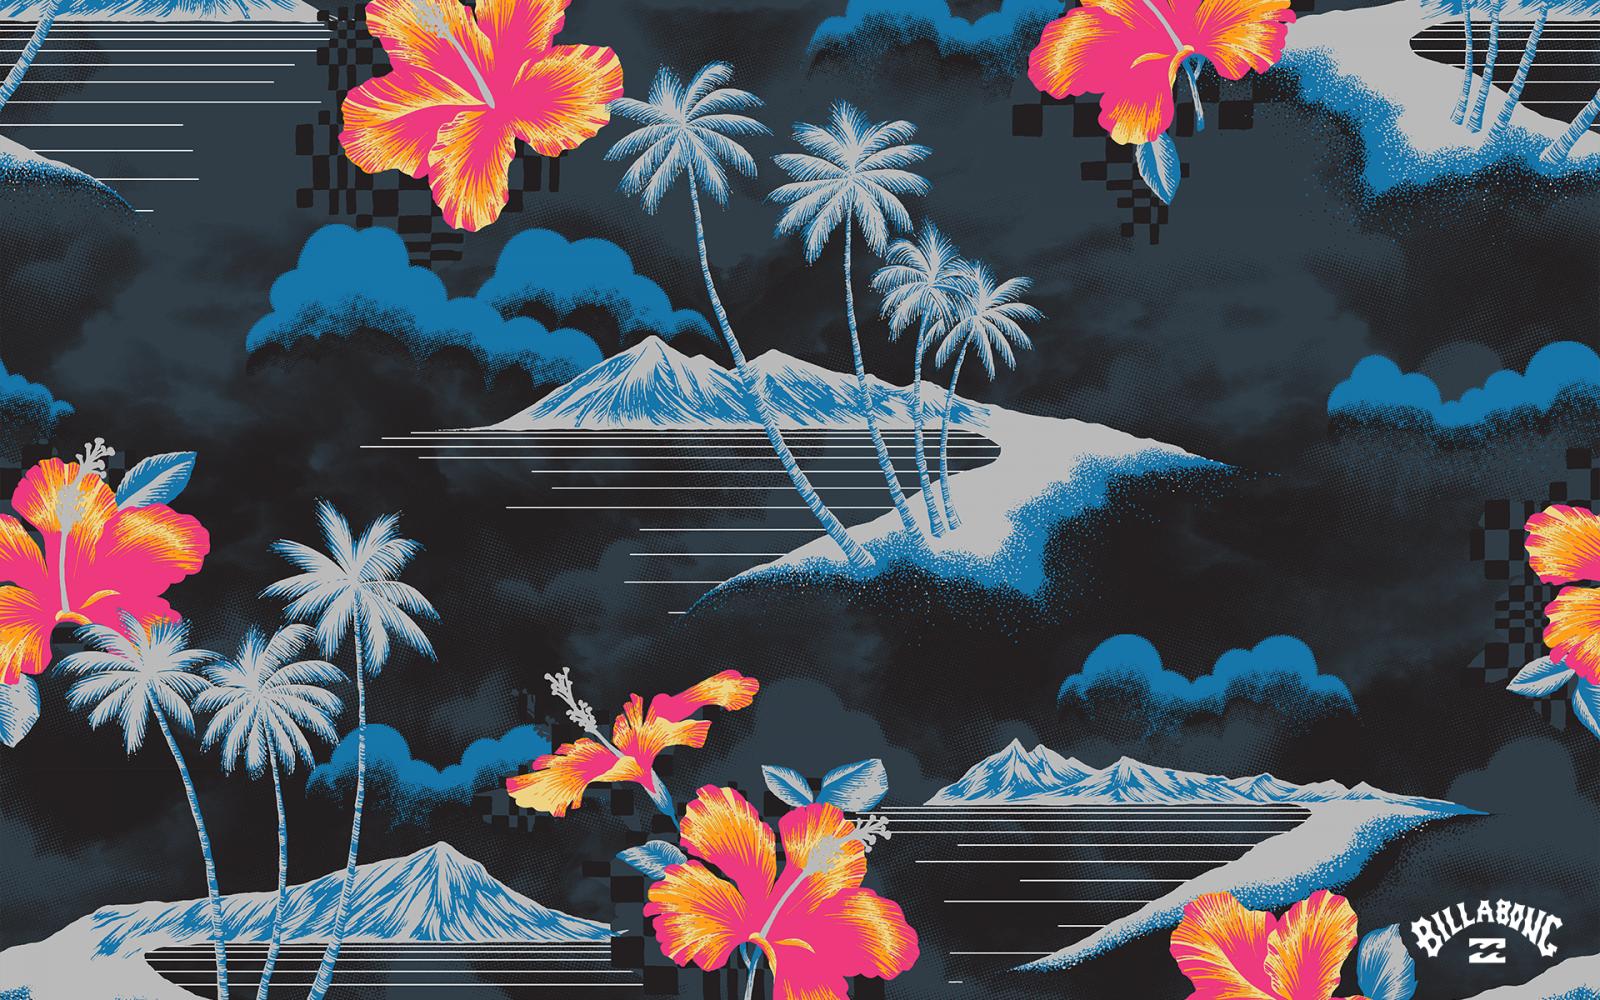 Billabong Desktop Wallpapers Billabong